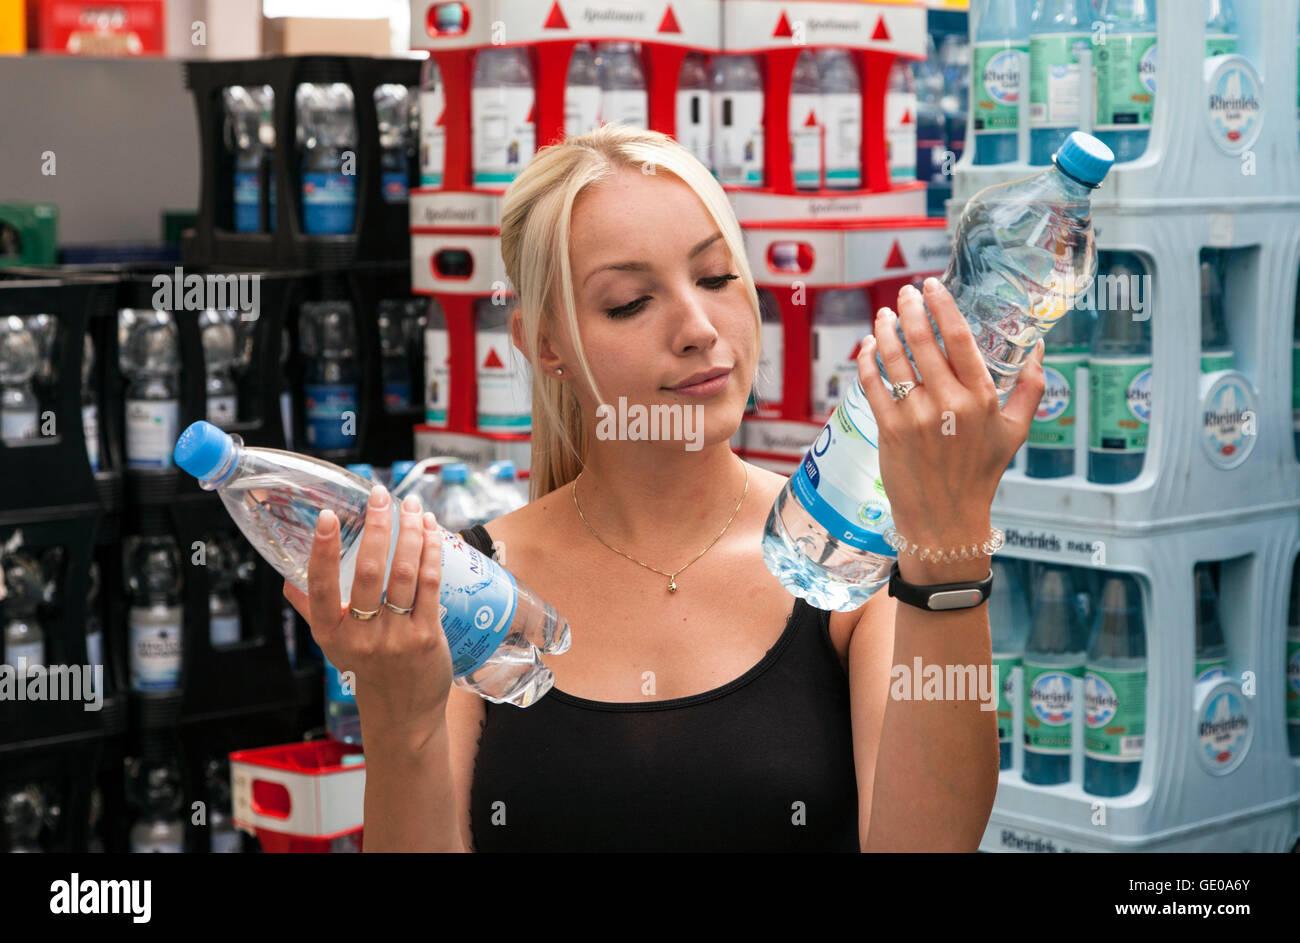 Non Returnable Bottles Stock Photos & Non Returnable Bottles